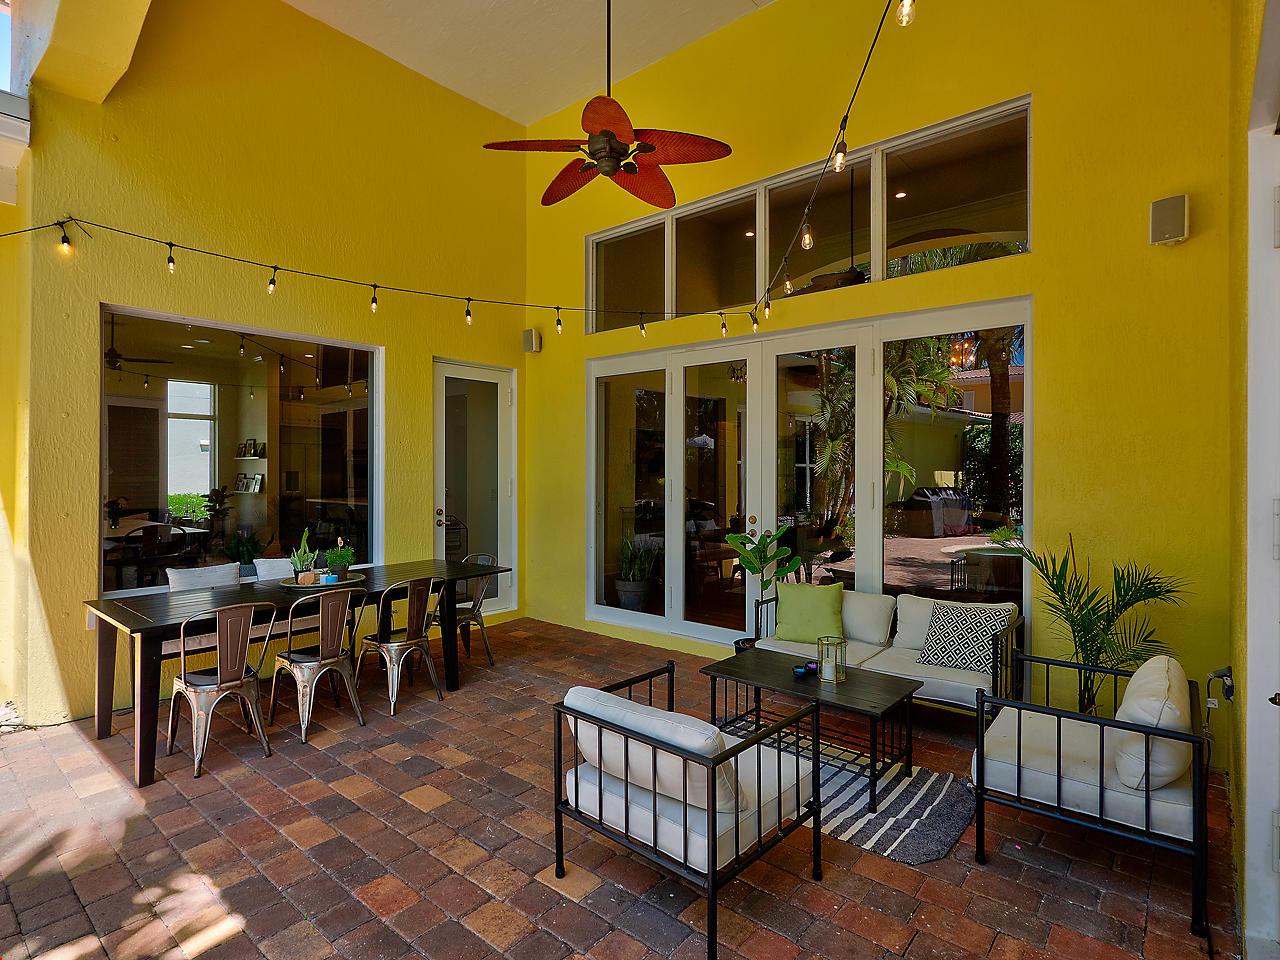 106 Santander Drive  - Abacoa Homes - photo 21